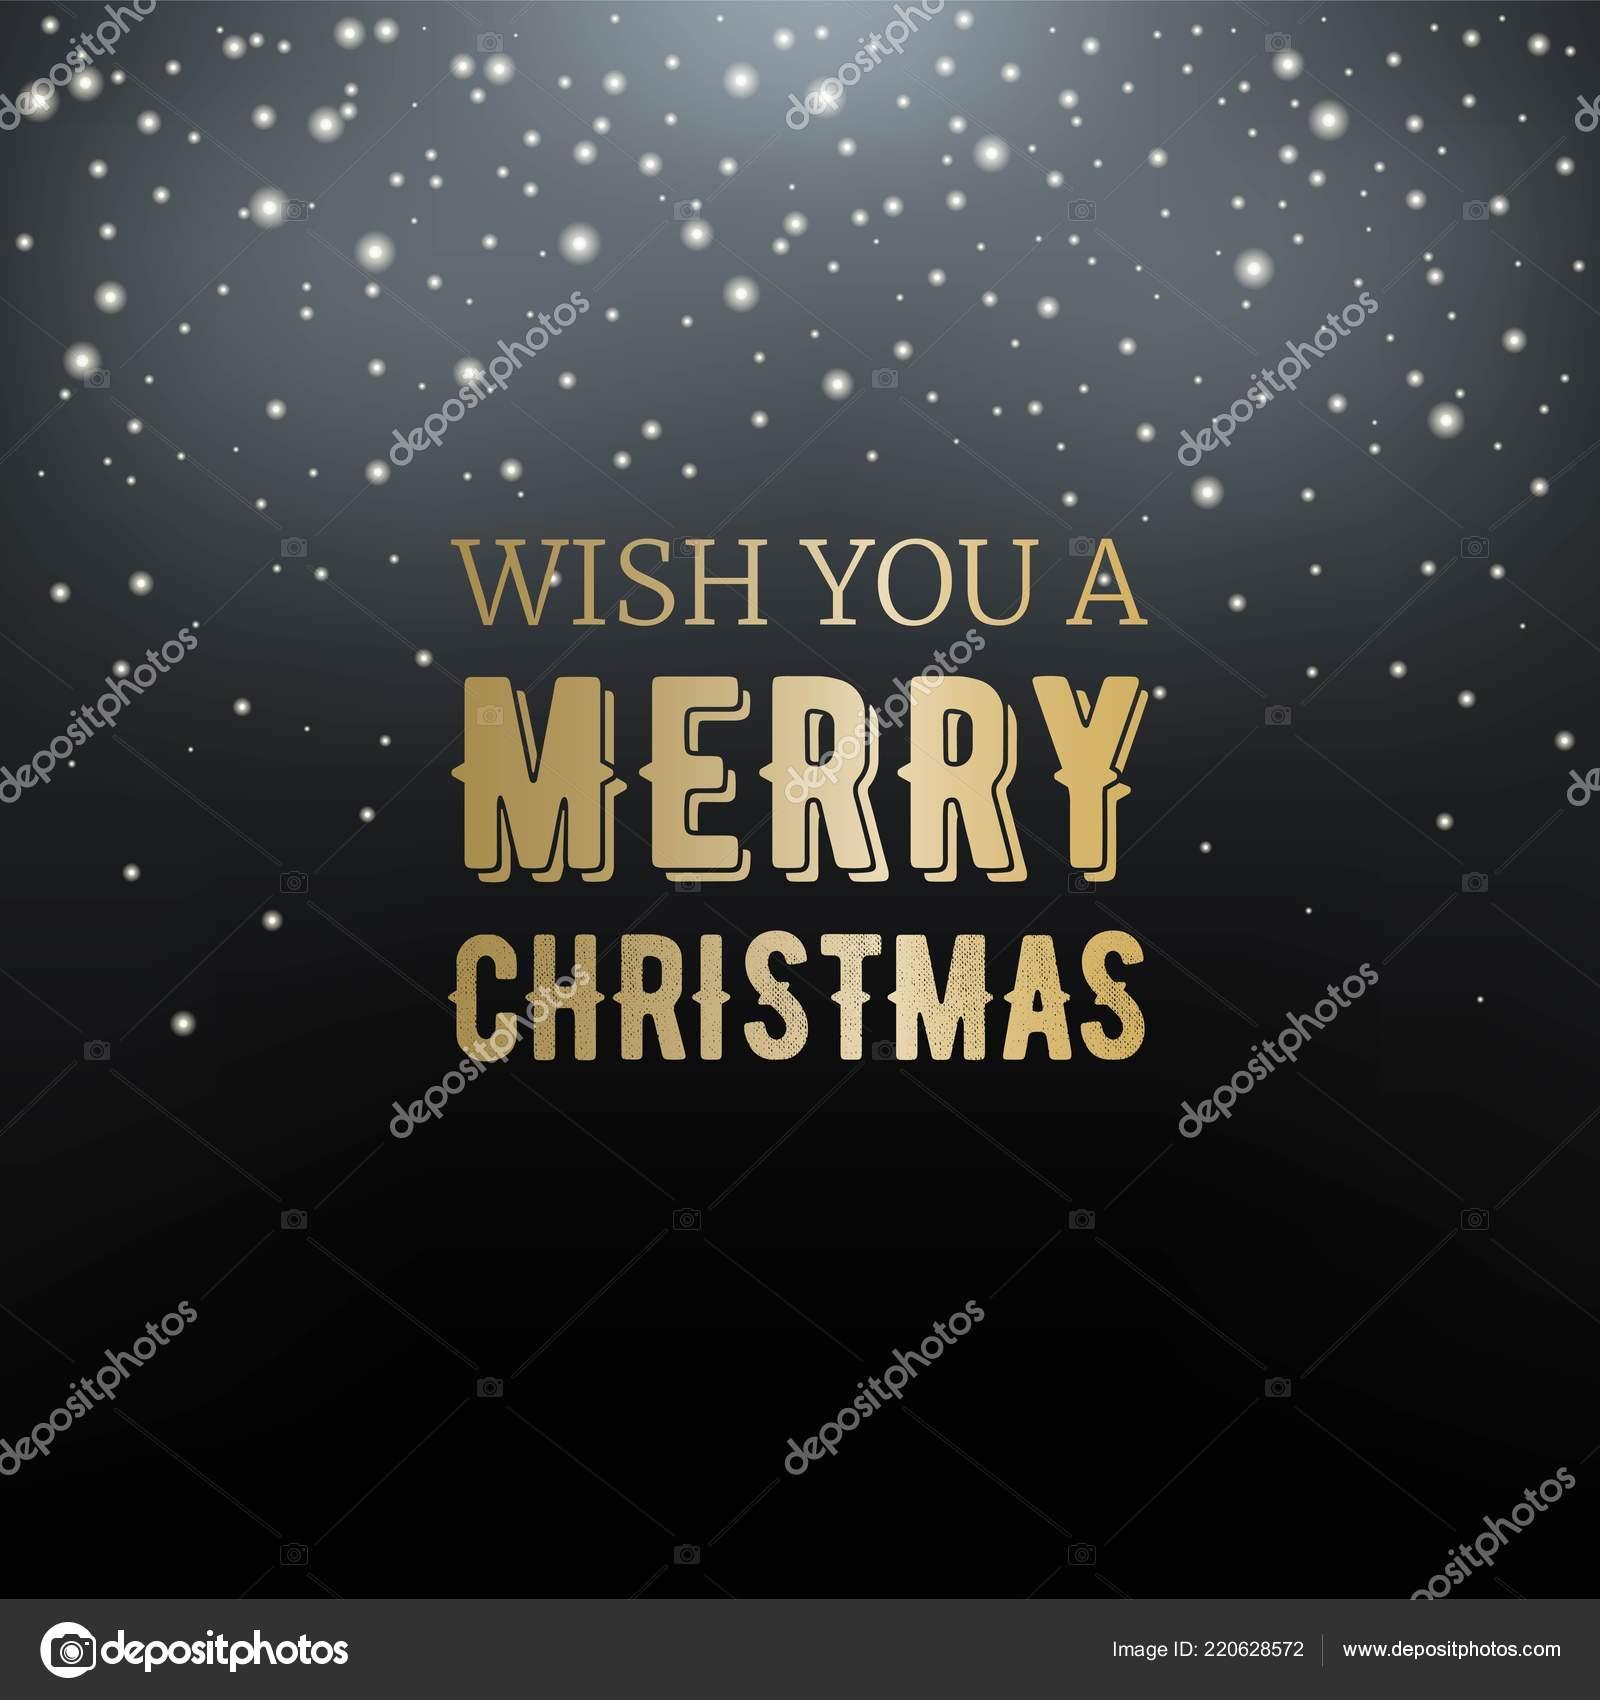 Frohe Weihnachten Glitzer.Wunschen Sie Ihnen Eine Frohe Weihnachten Typografie Auf